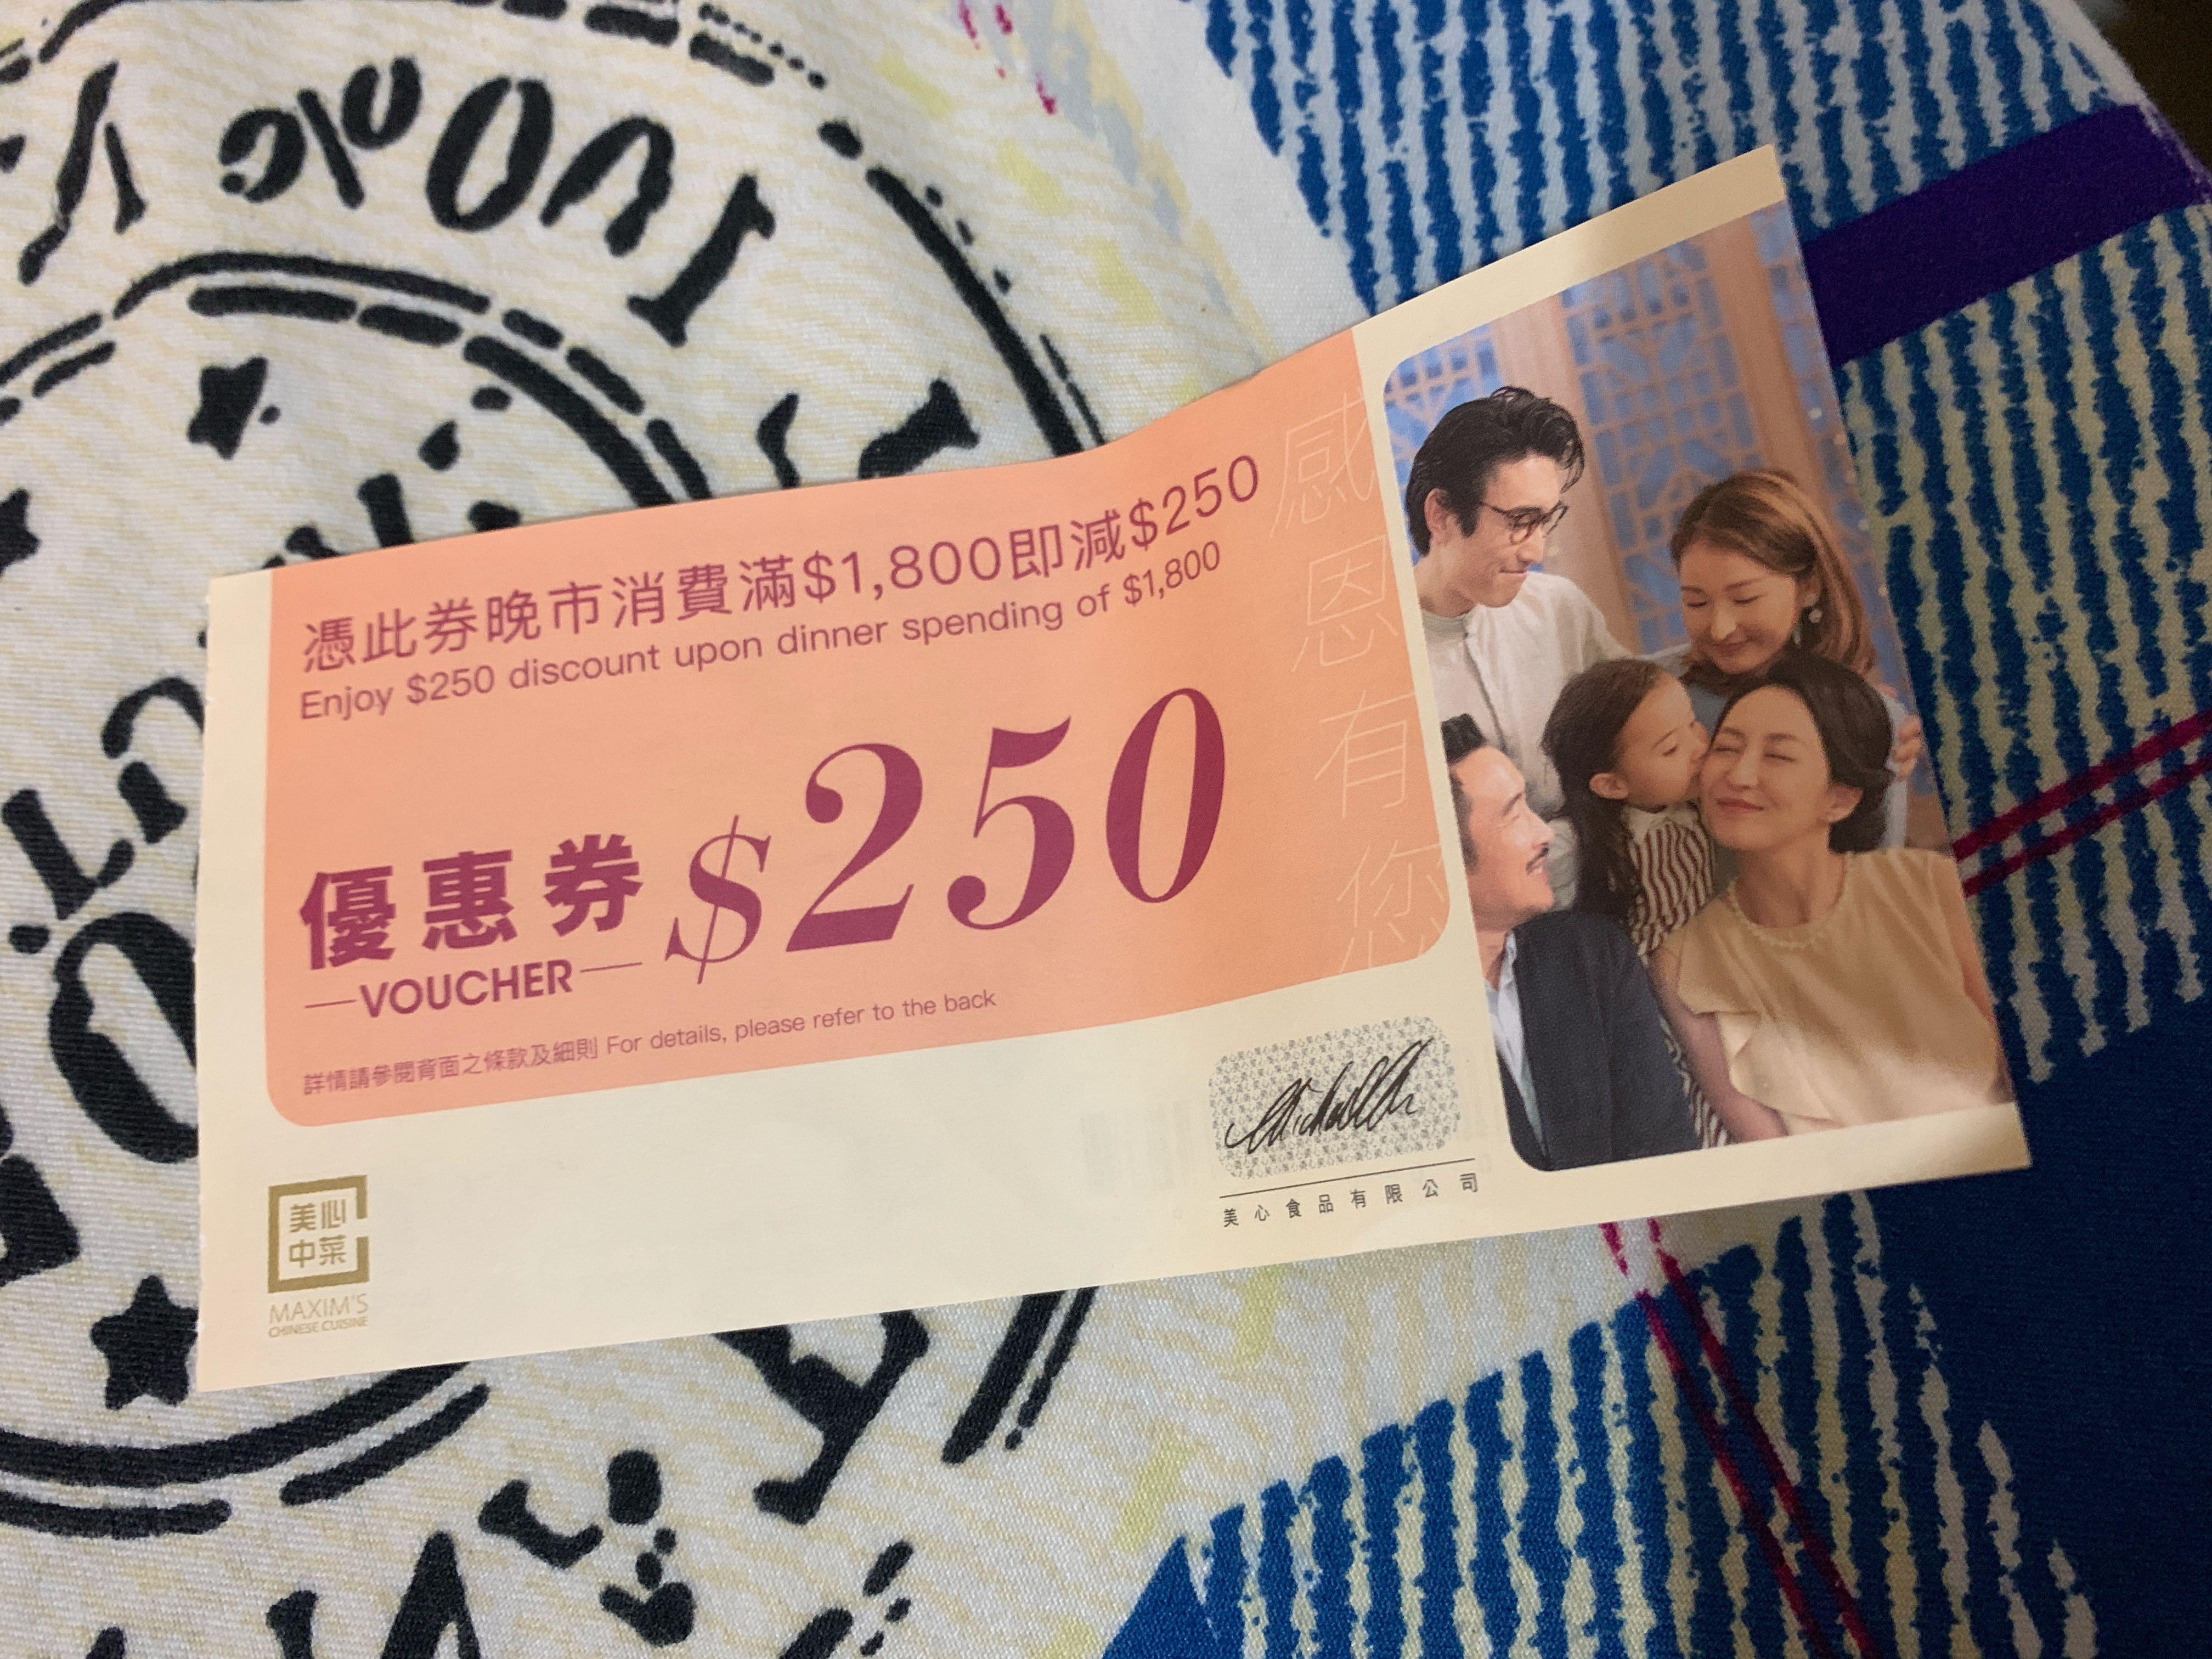 美心中菜$250 coupon